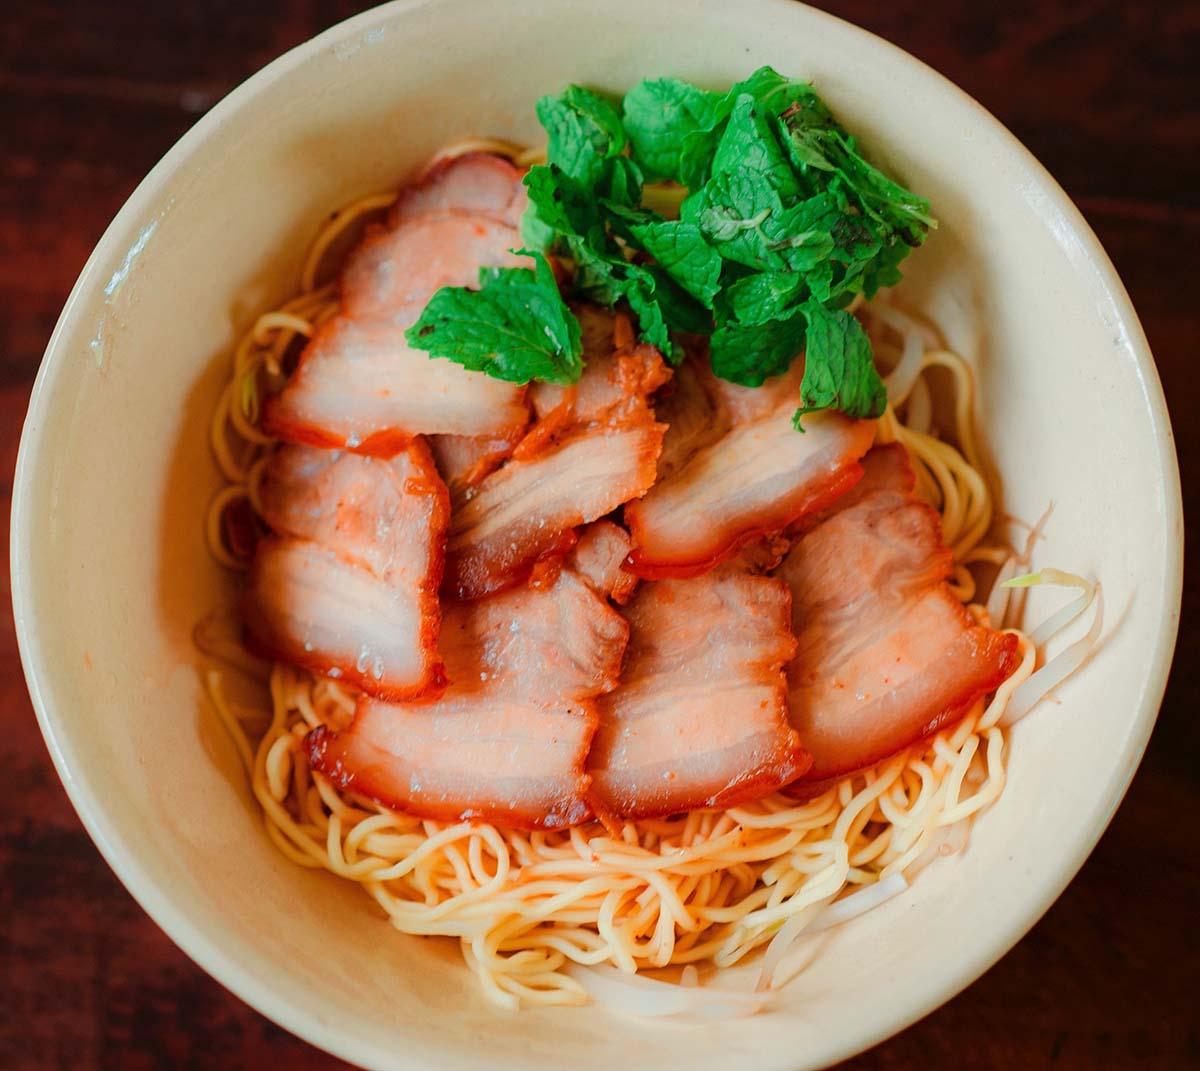 Ramen 2 10 Makanan Atau Kuliner Jepang Ini Paling Populer Di Indonesia ! Kalo Kesukaanmu Yang Mana ?